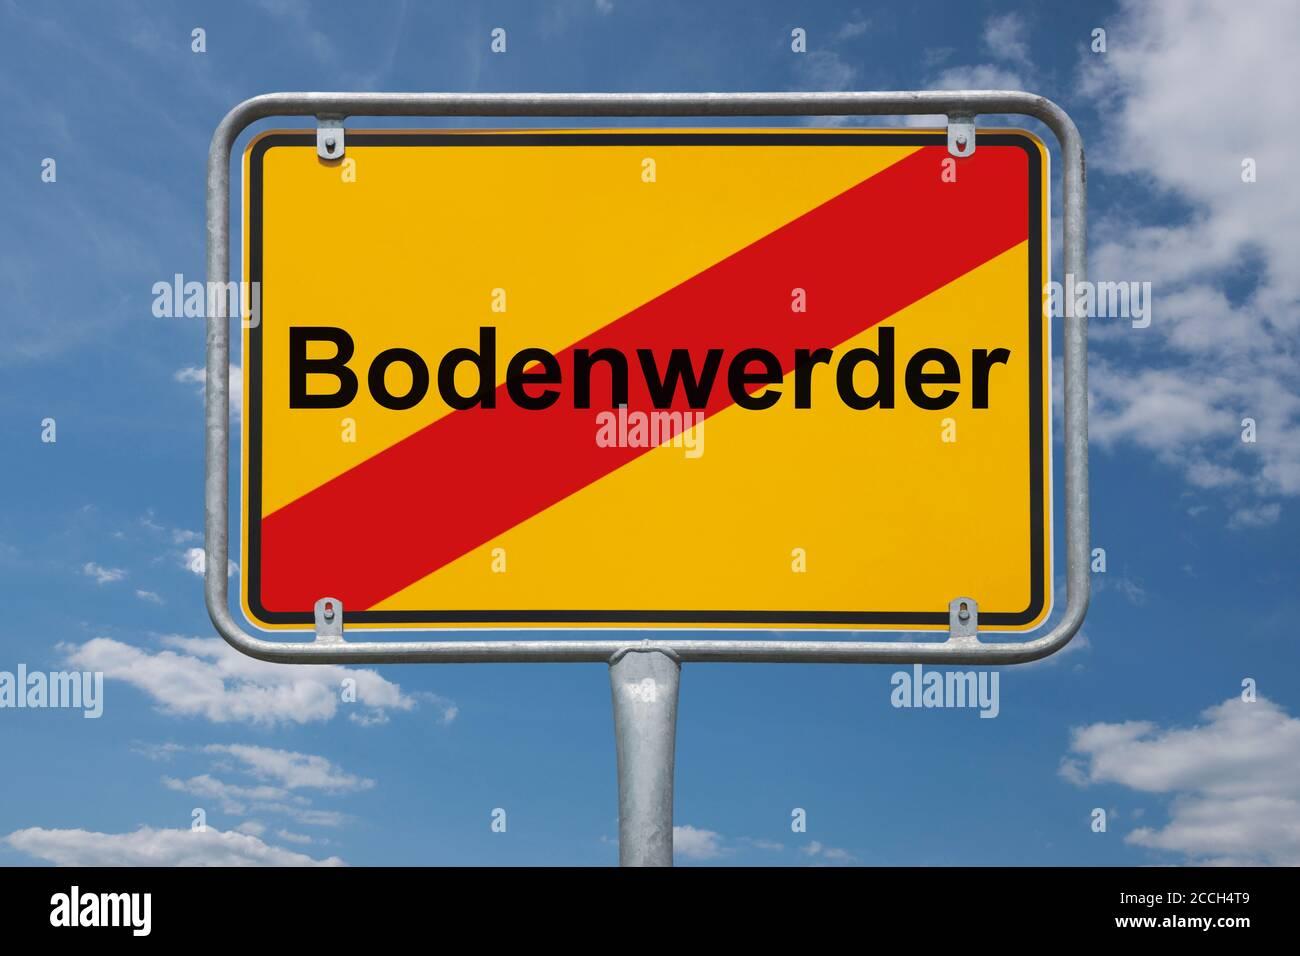 Ortstafel Bodenwerder, Niedersachsen, Deutschland | Nom du lieu Bodenwerder, Basse-Saxe, Allemagne, Europe Banque D'Images